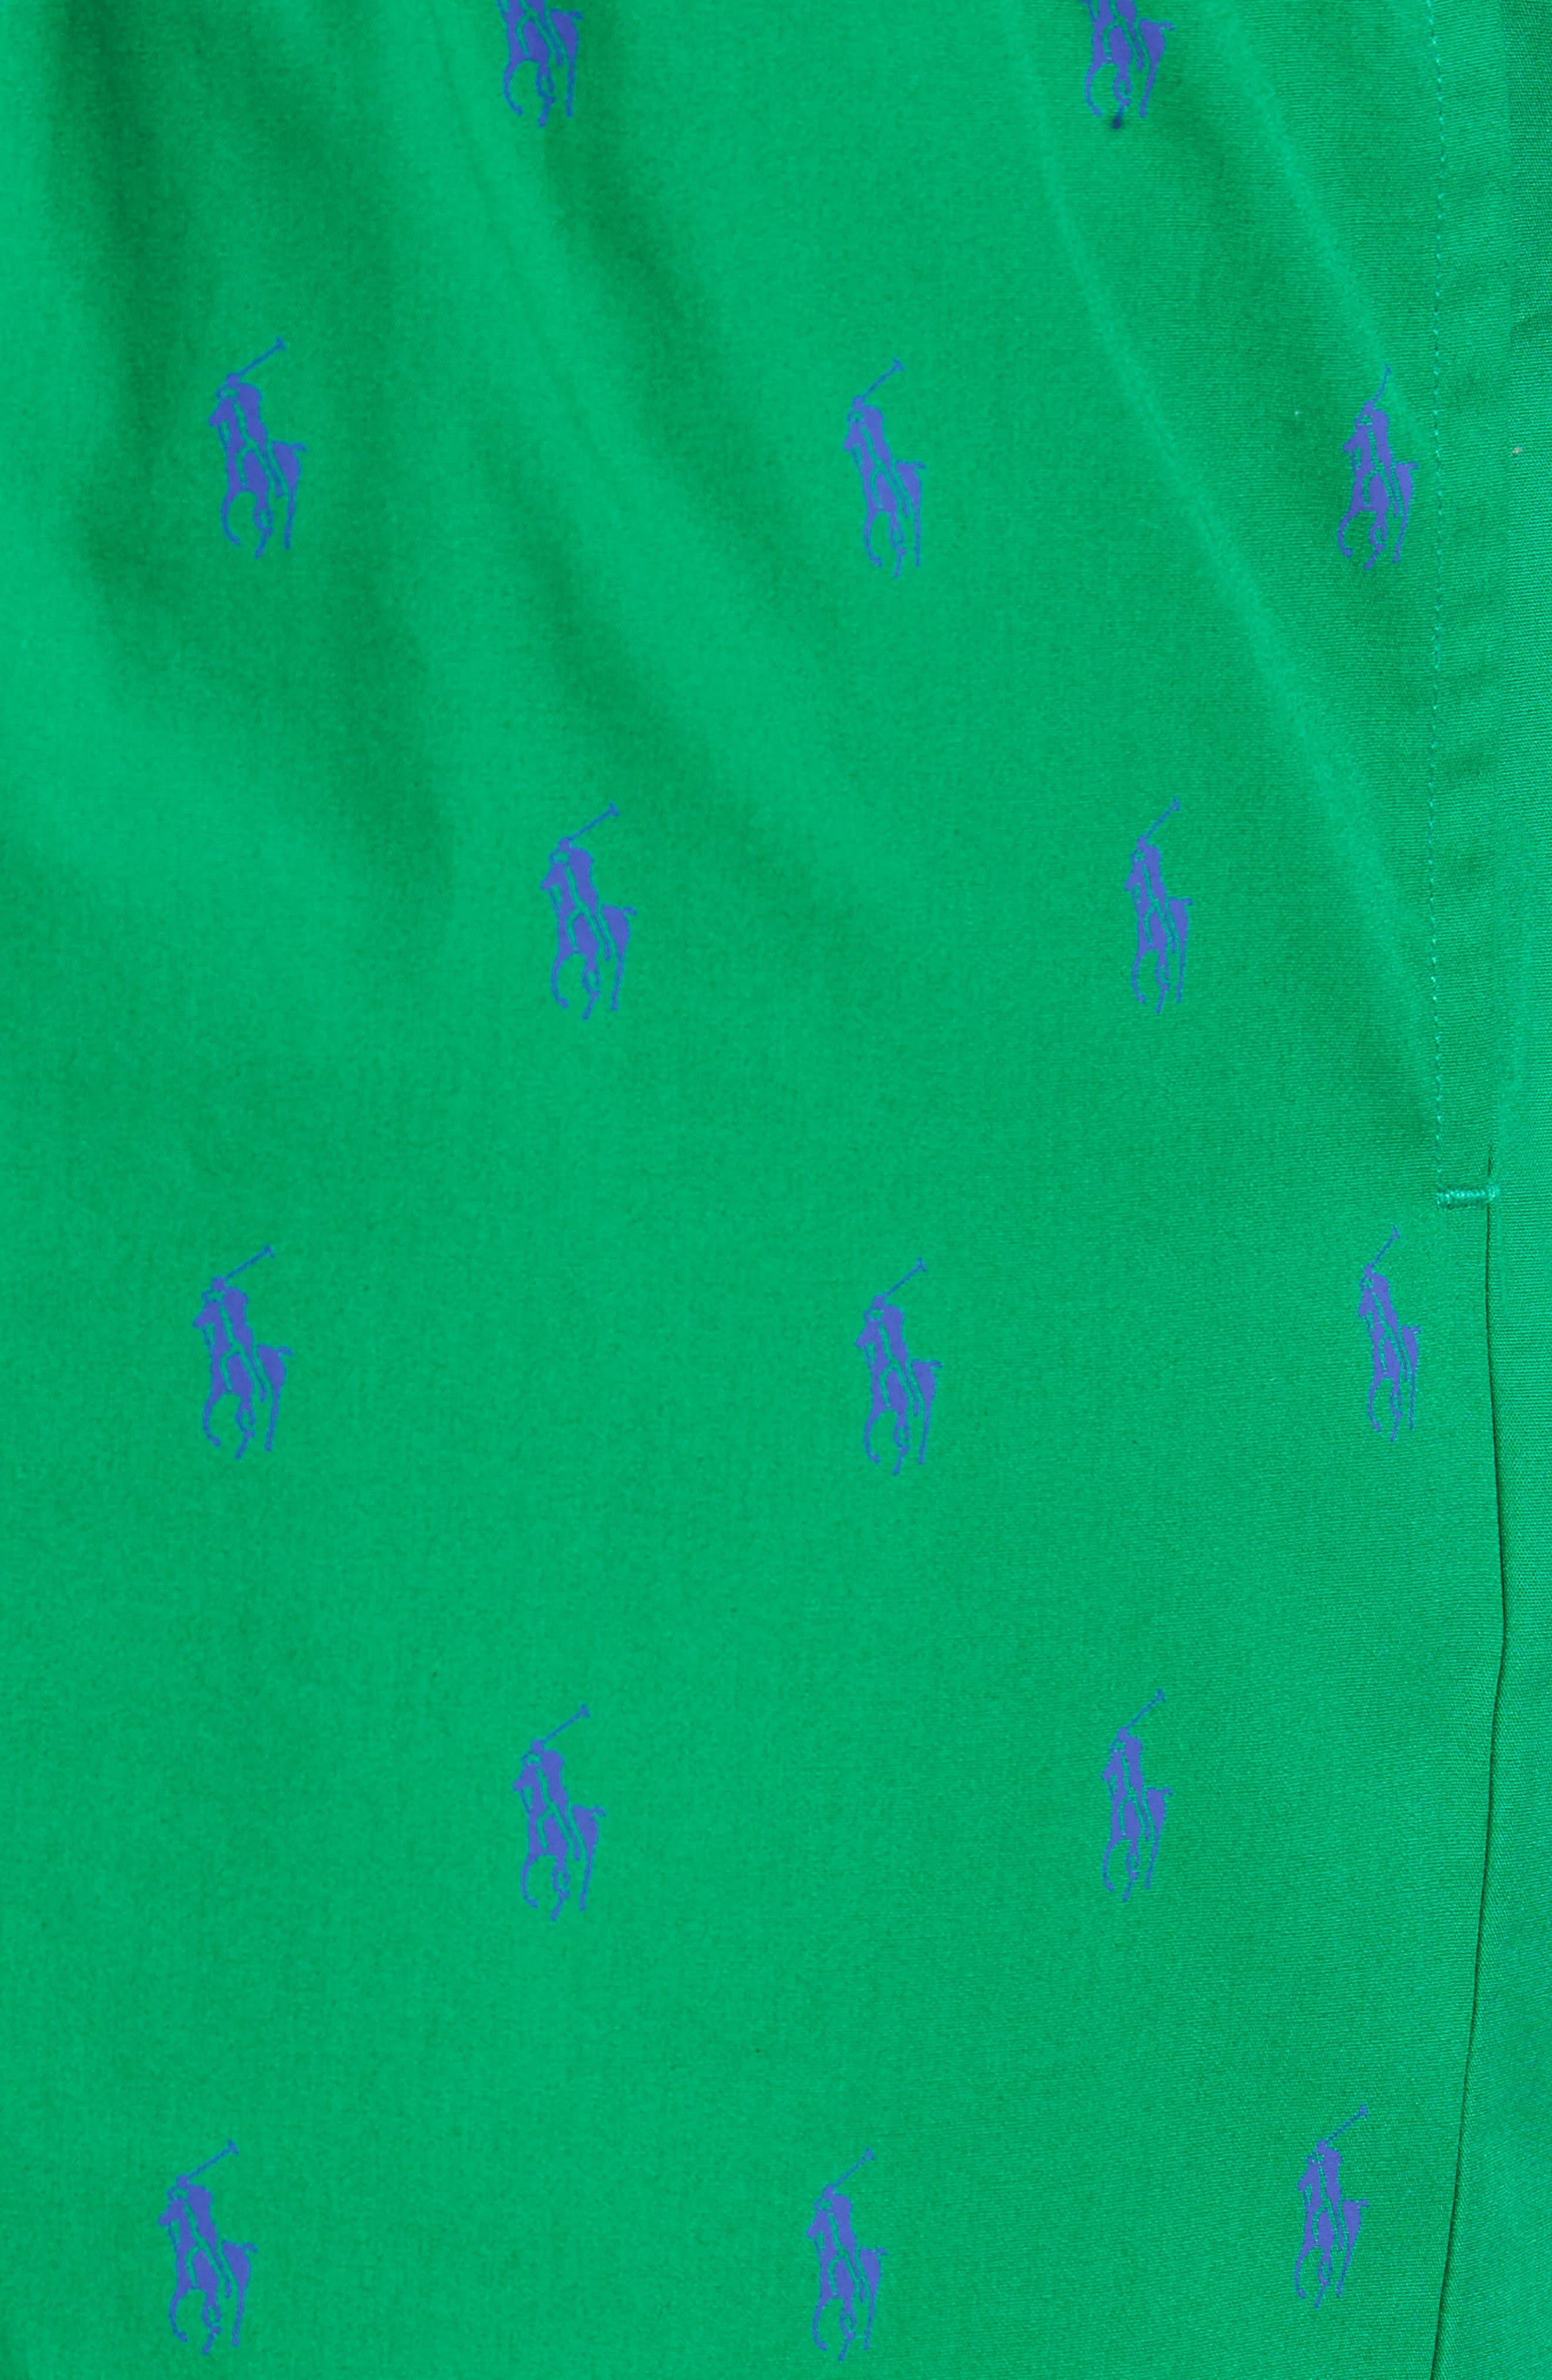 Polo Ralph Lauren Cotton Lounge Pants,                             Alternate thumbnail 22, color,